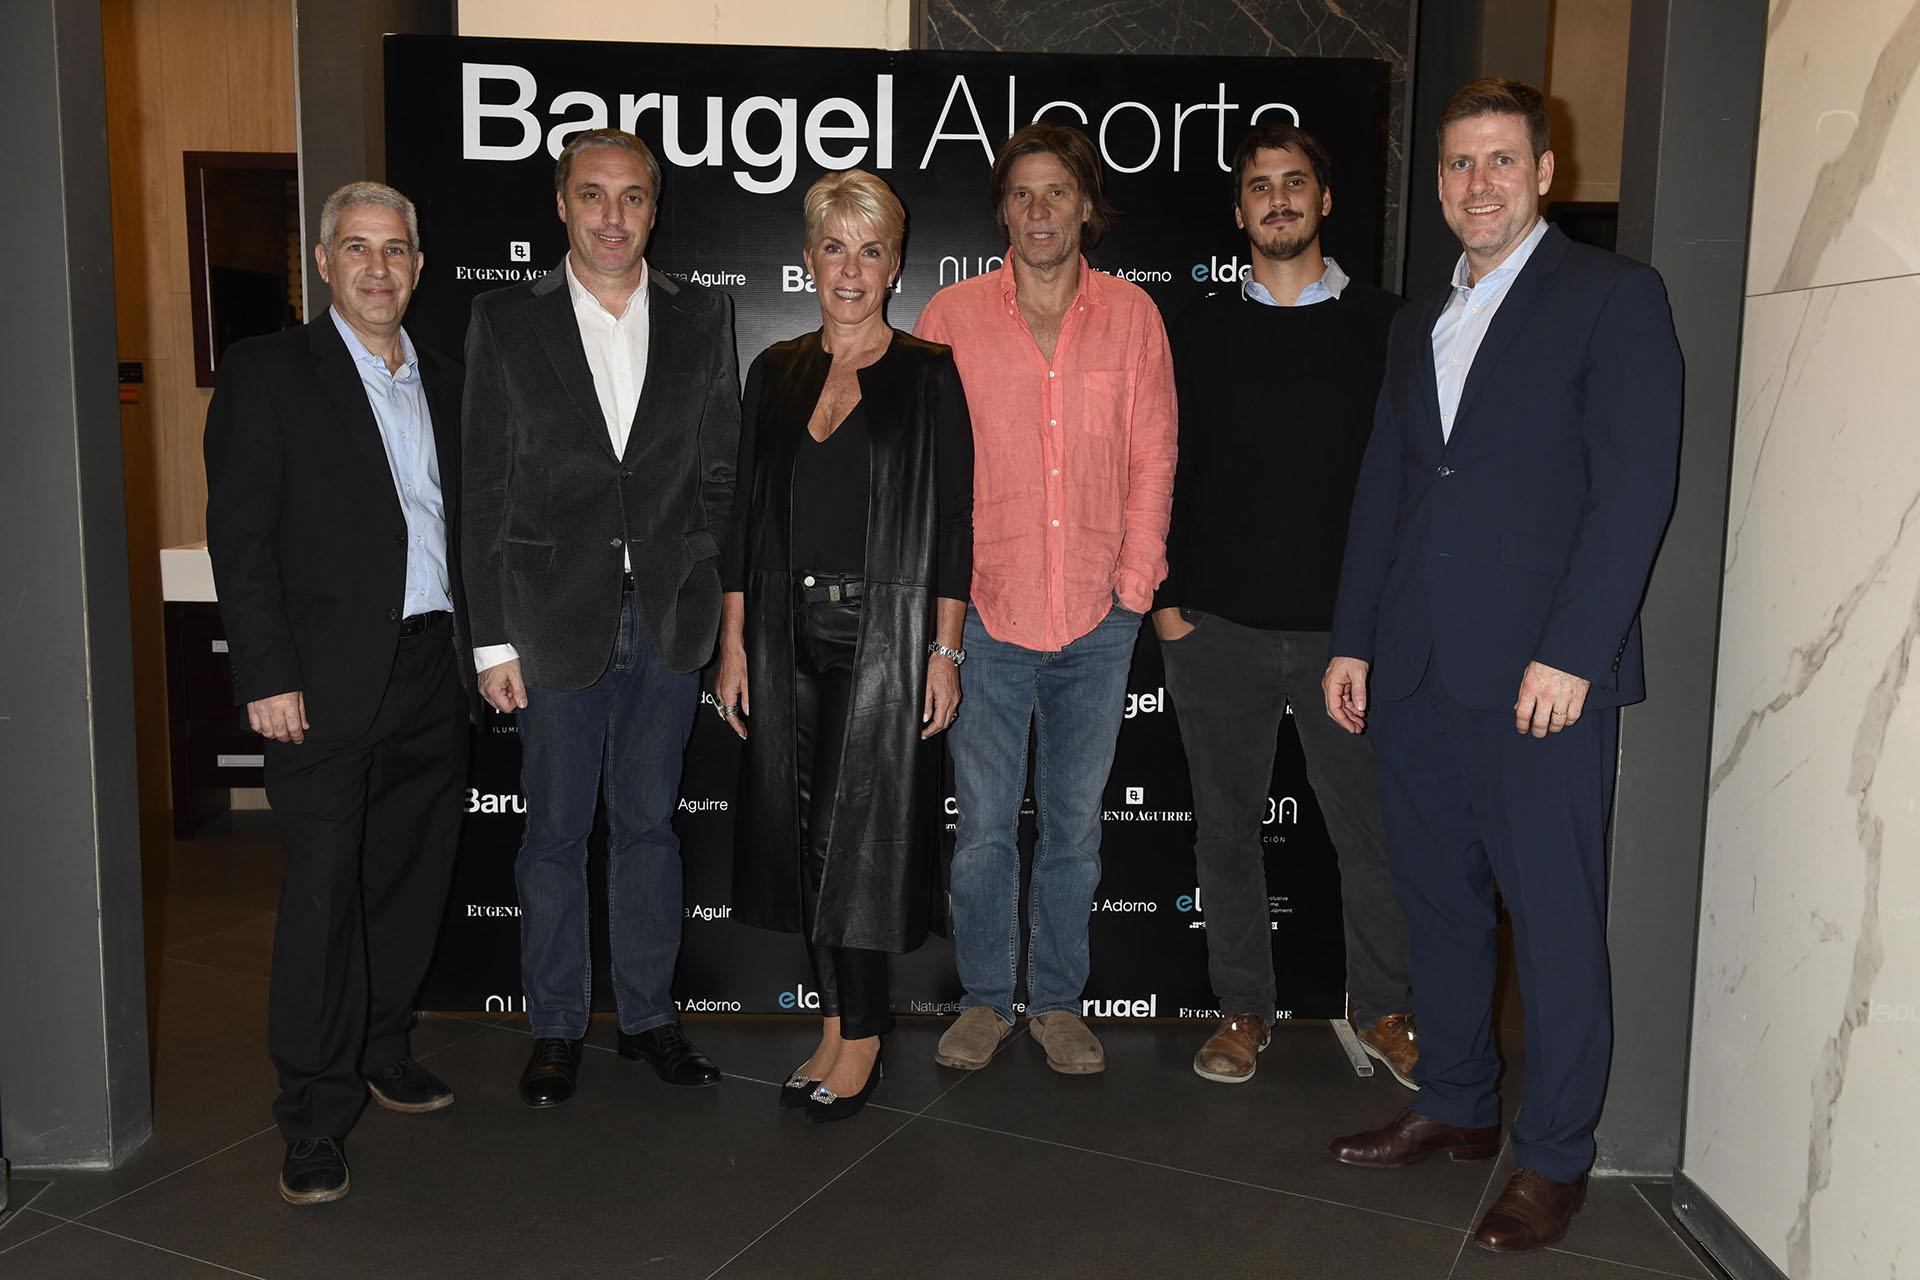 Juan Ignacio Tilbe, Cristian Basualdo, Claudia Adorno, Eugenio Aguirre, Nicolás Díaz Bobillo y Paul Hartley